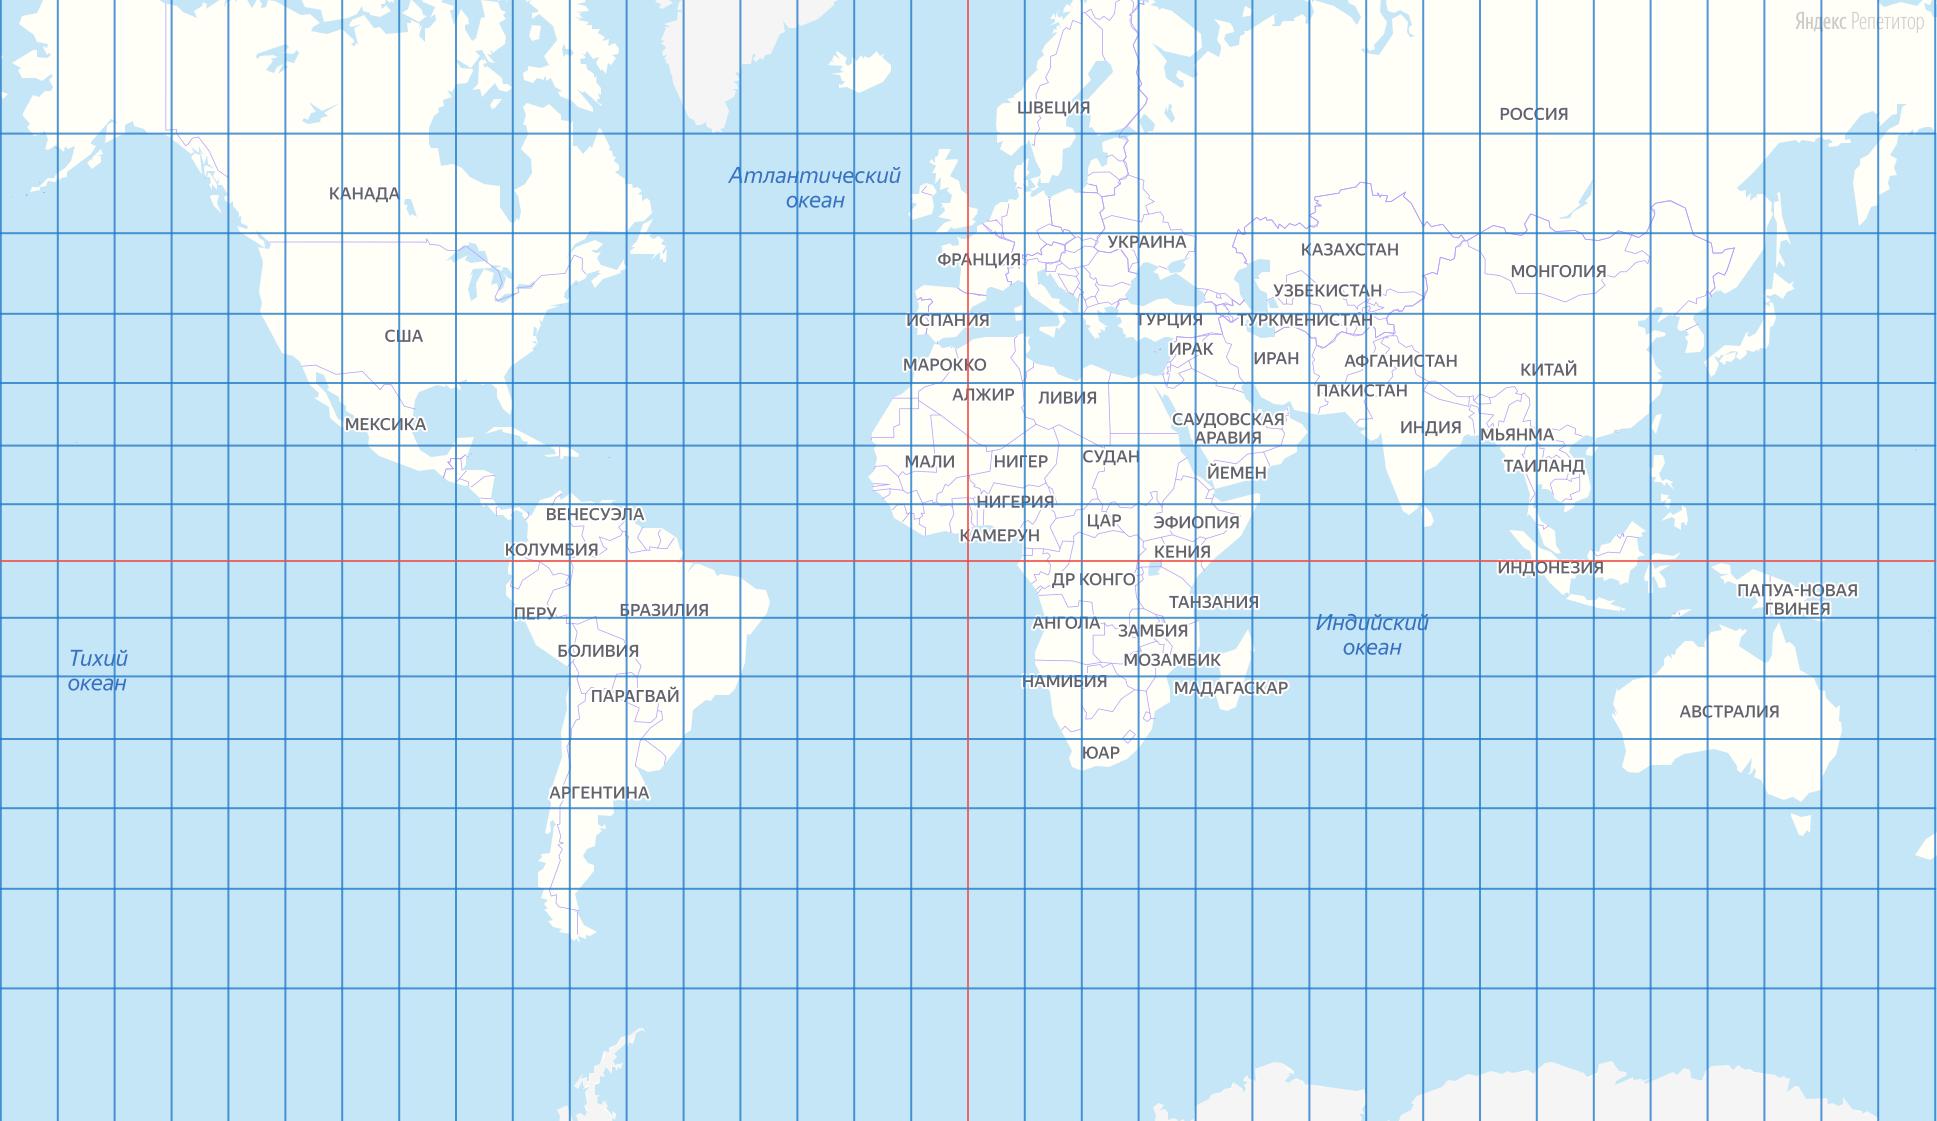 Определите, на территории какого государства находится этот населённый пункт.